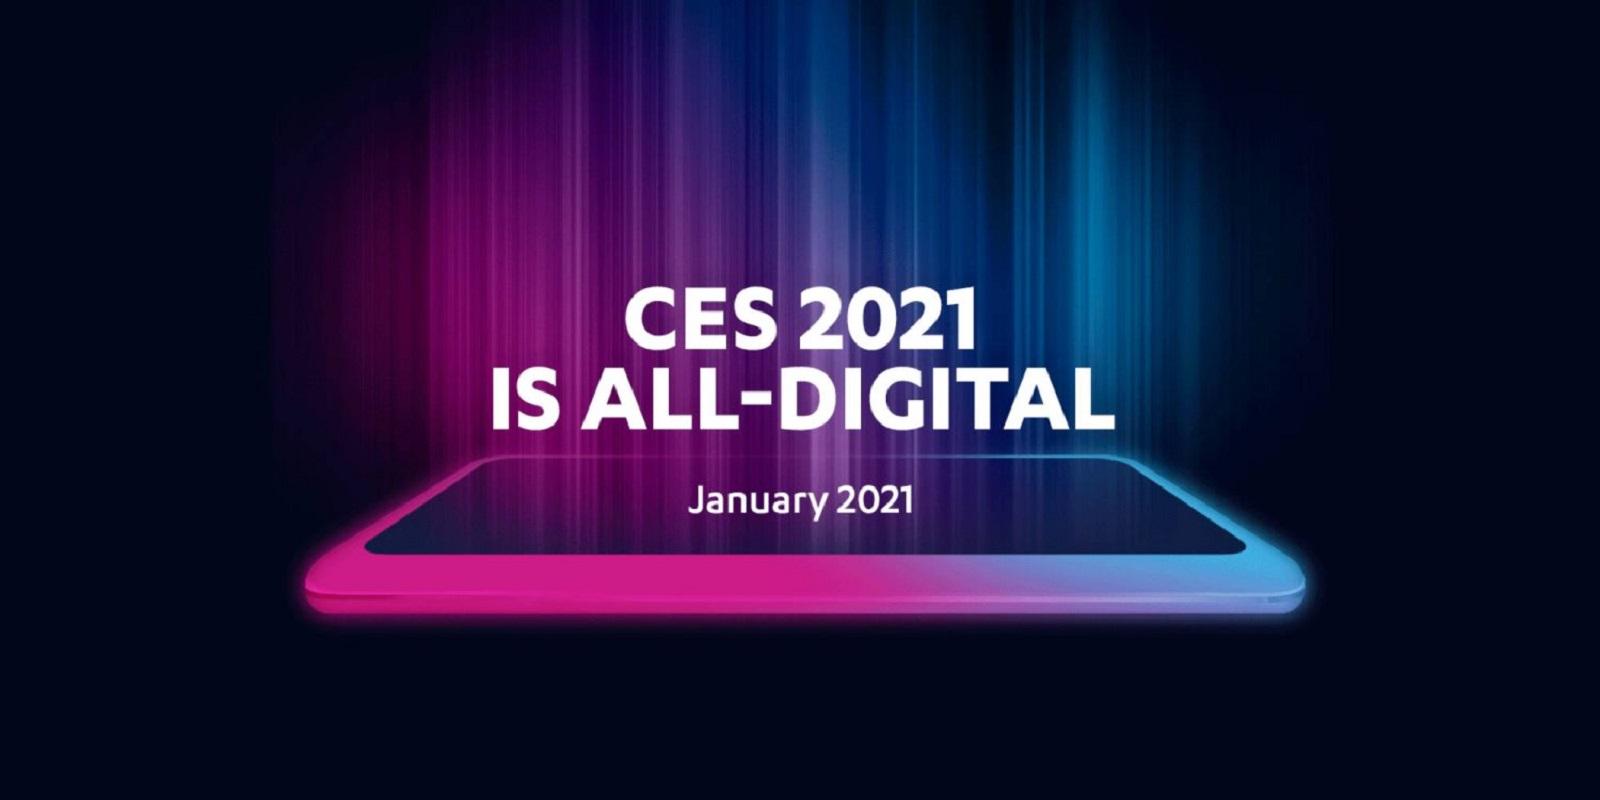 Выставка CES 2021 состоится 11-14 января в цифровом формате